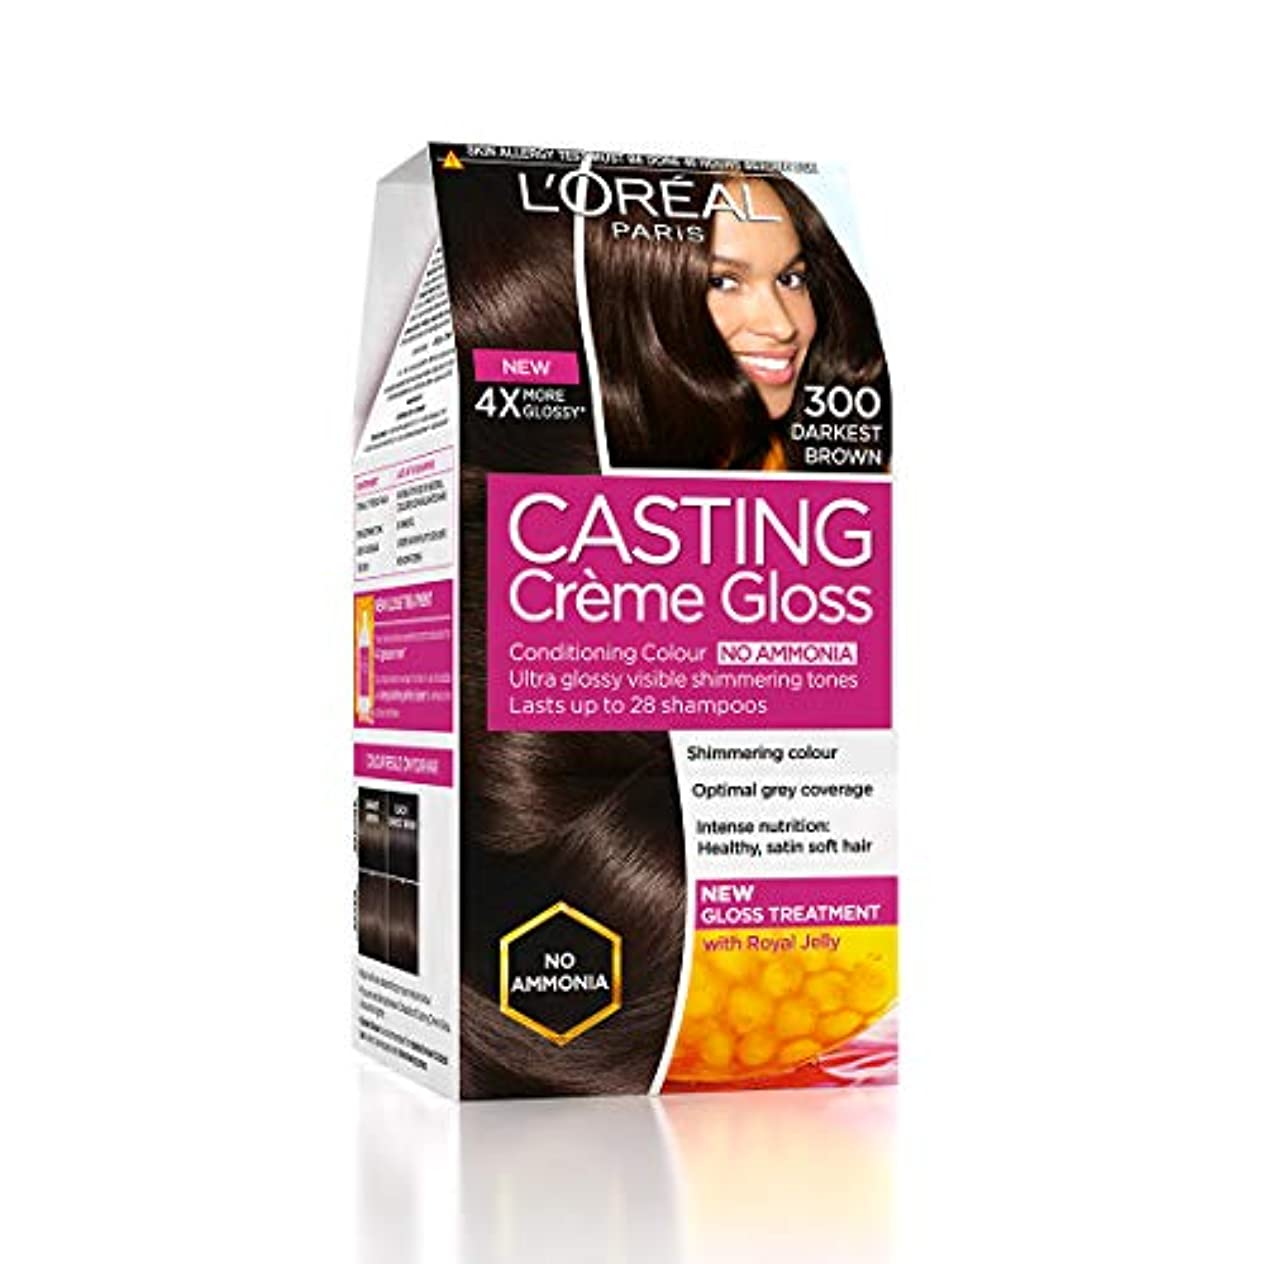 聖域メガロポリス行方不明L'Oreal Paris Casting Creme Gloss Hair Color, Darkest Brown 300, 87.5g+72ml